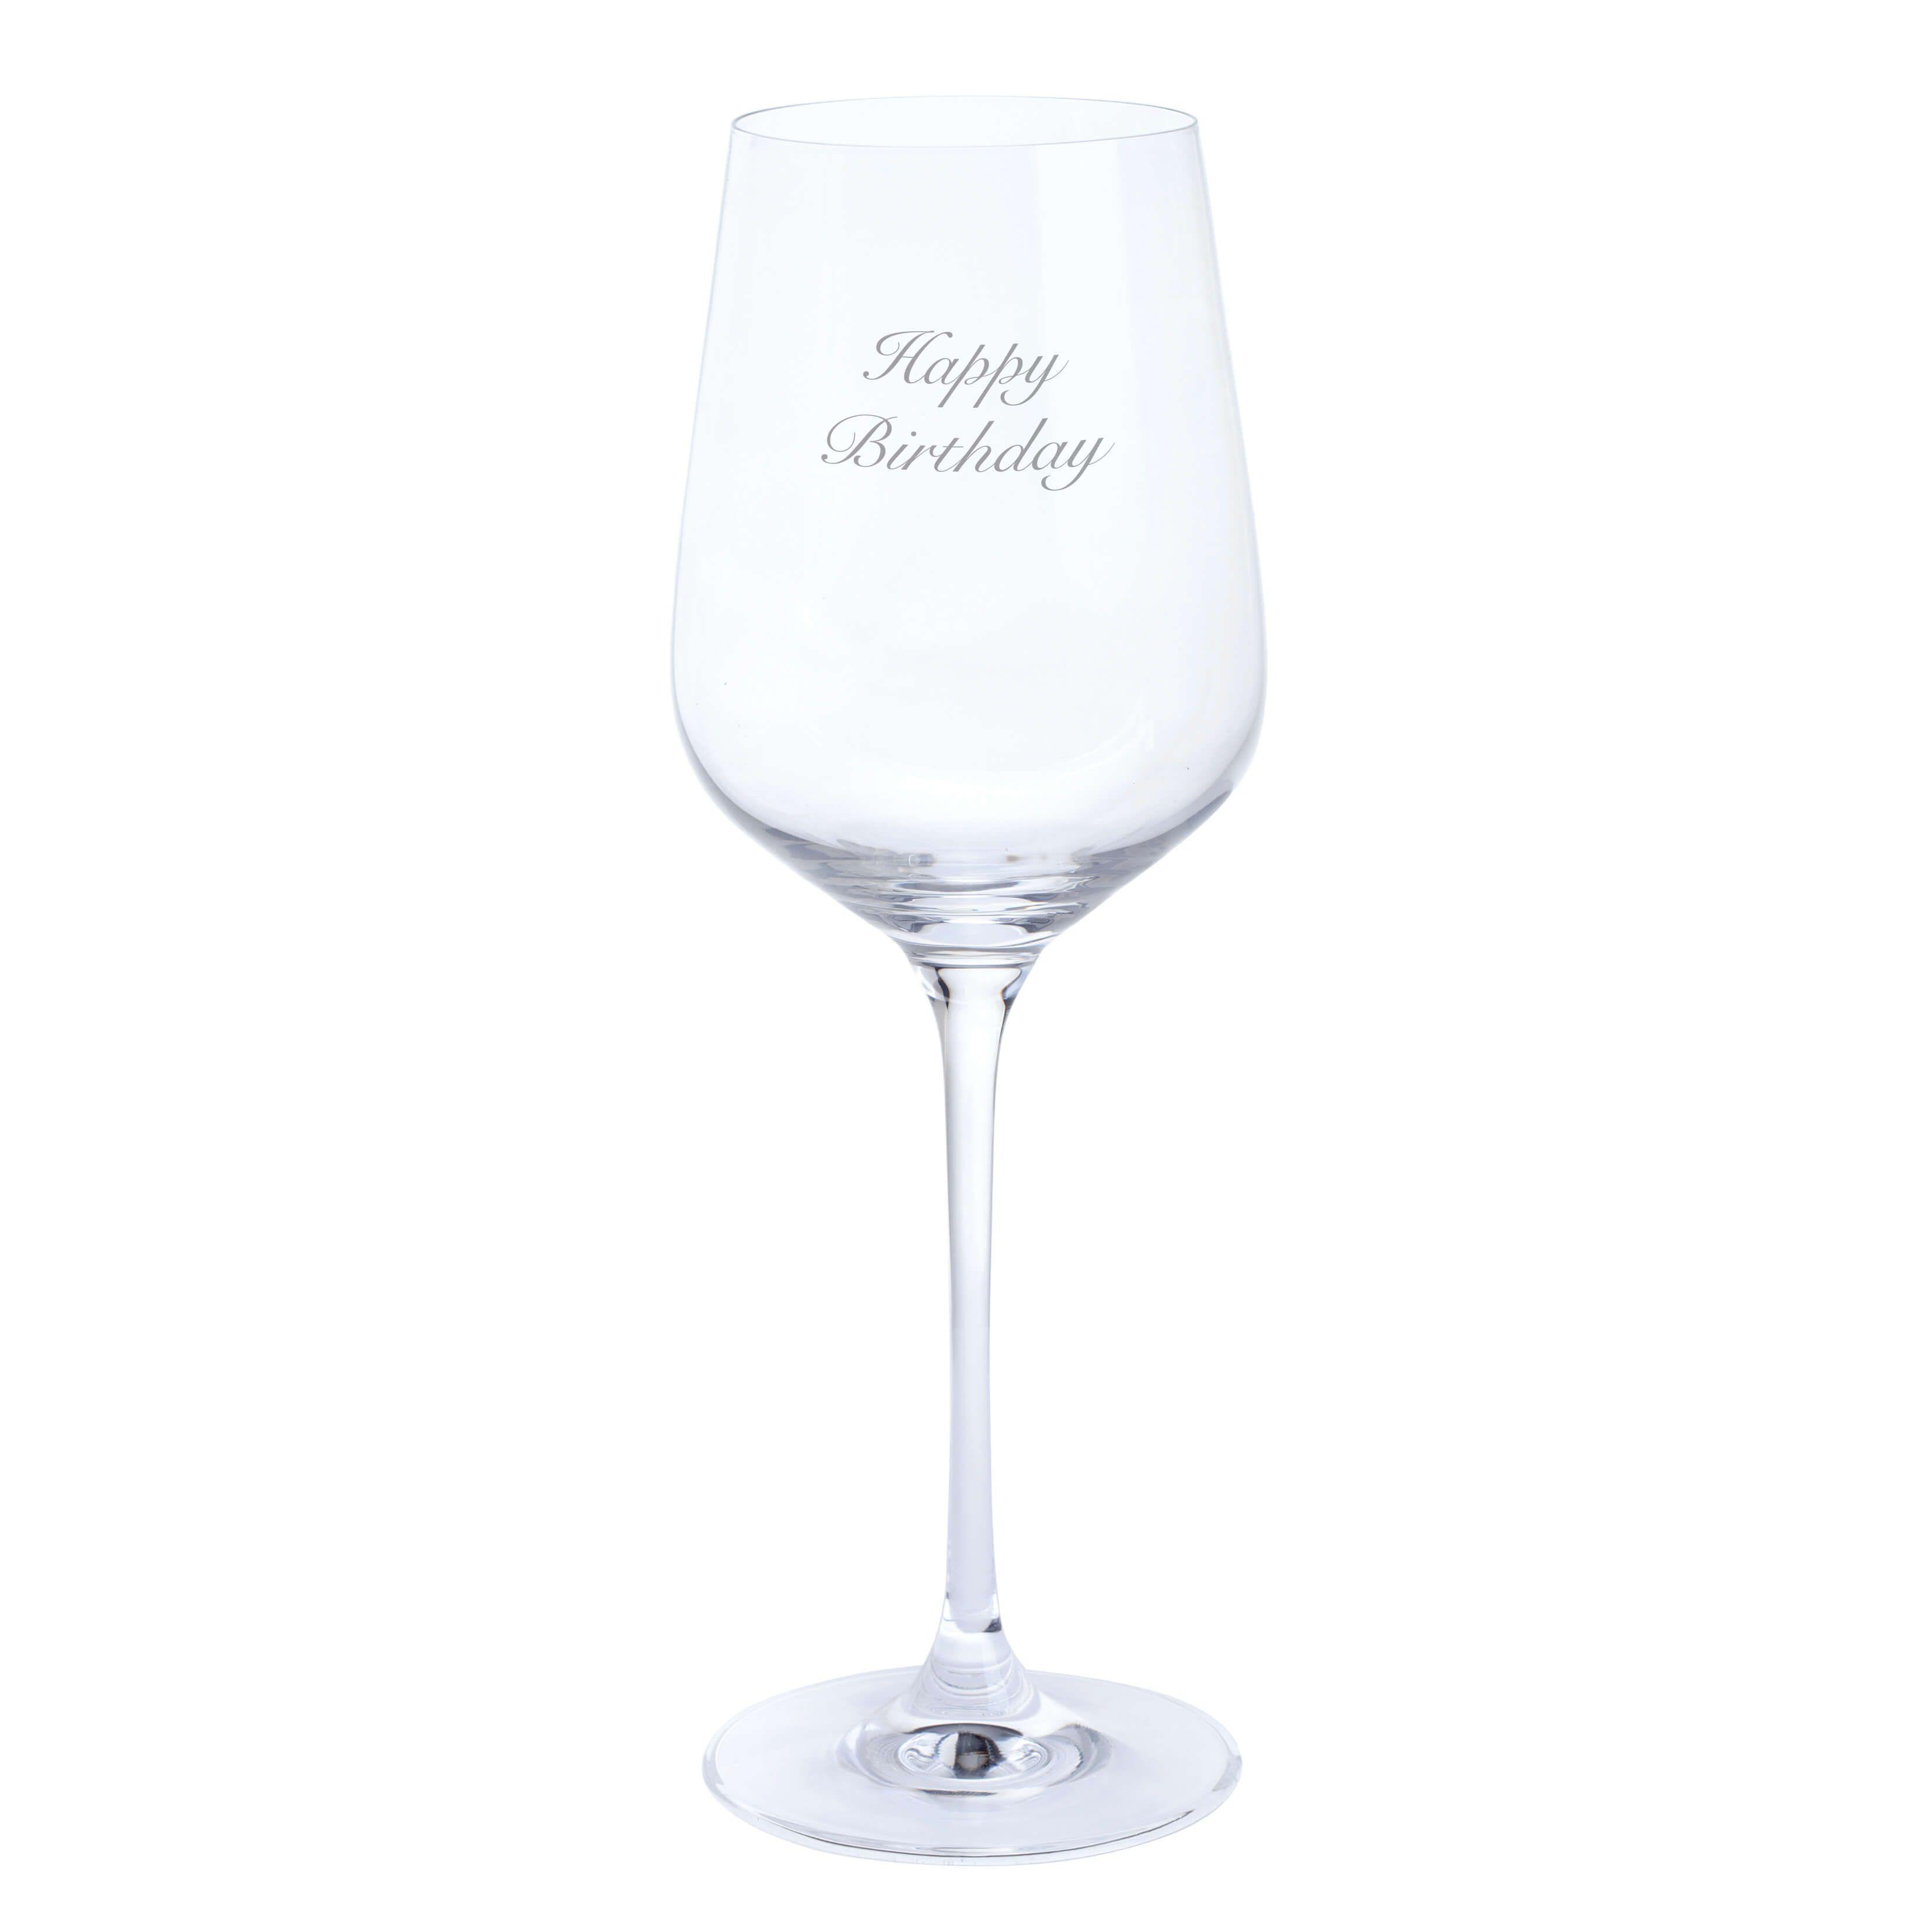 dartington wine glass happy birthday - Happy Birthday Wine Glass